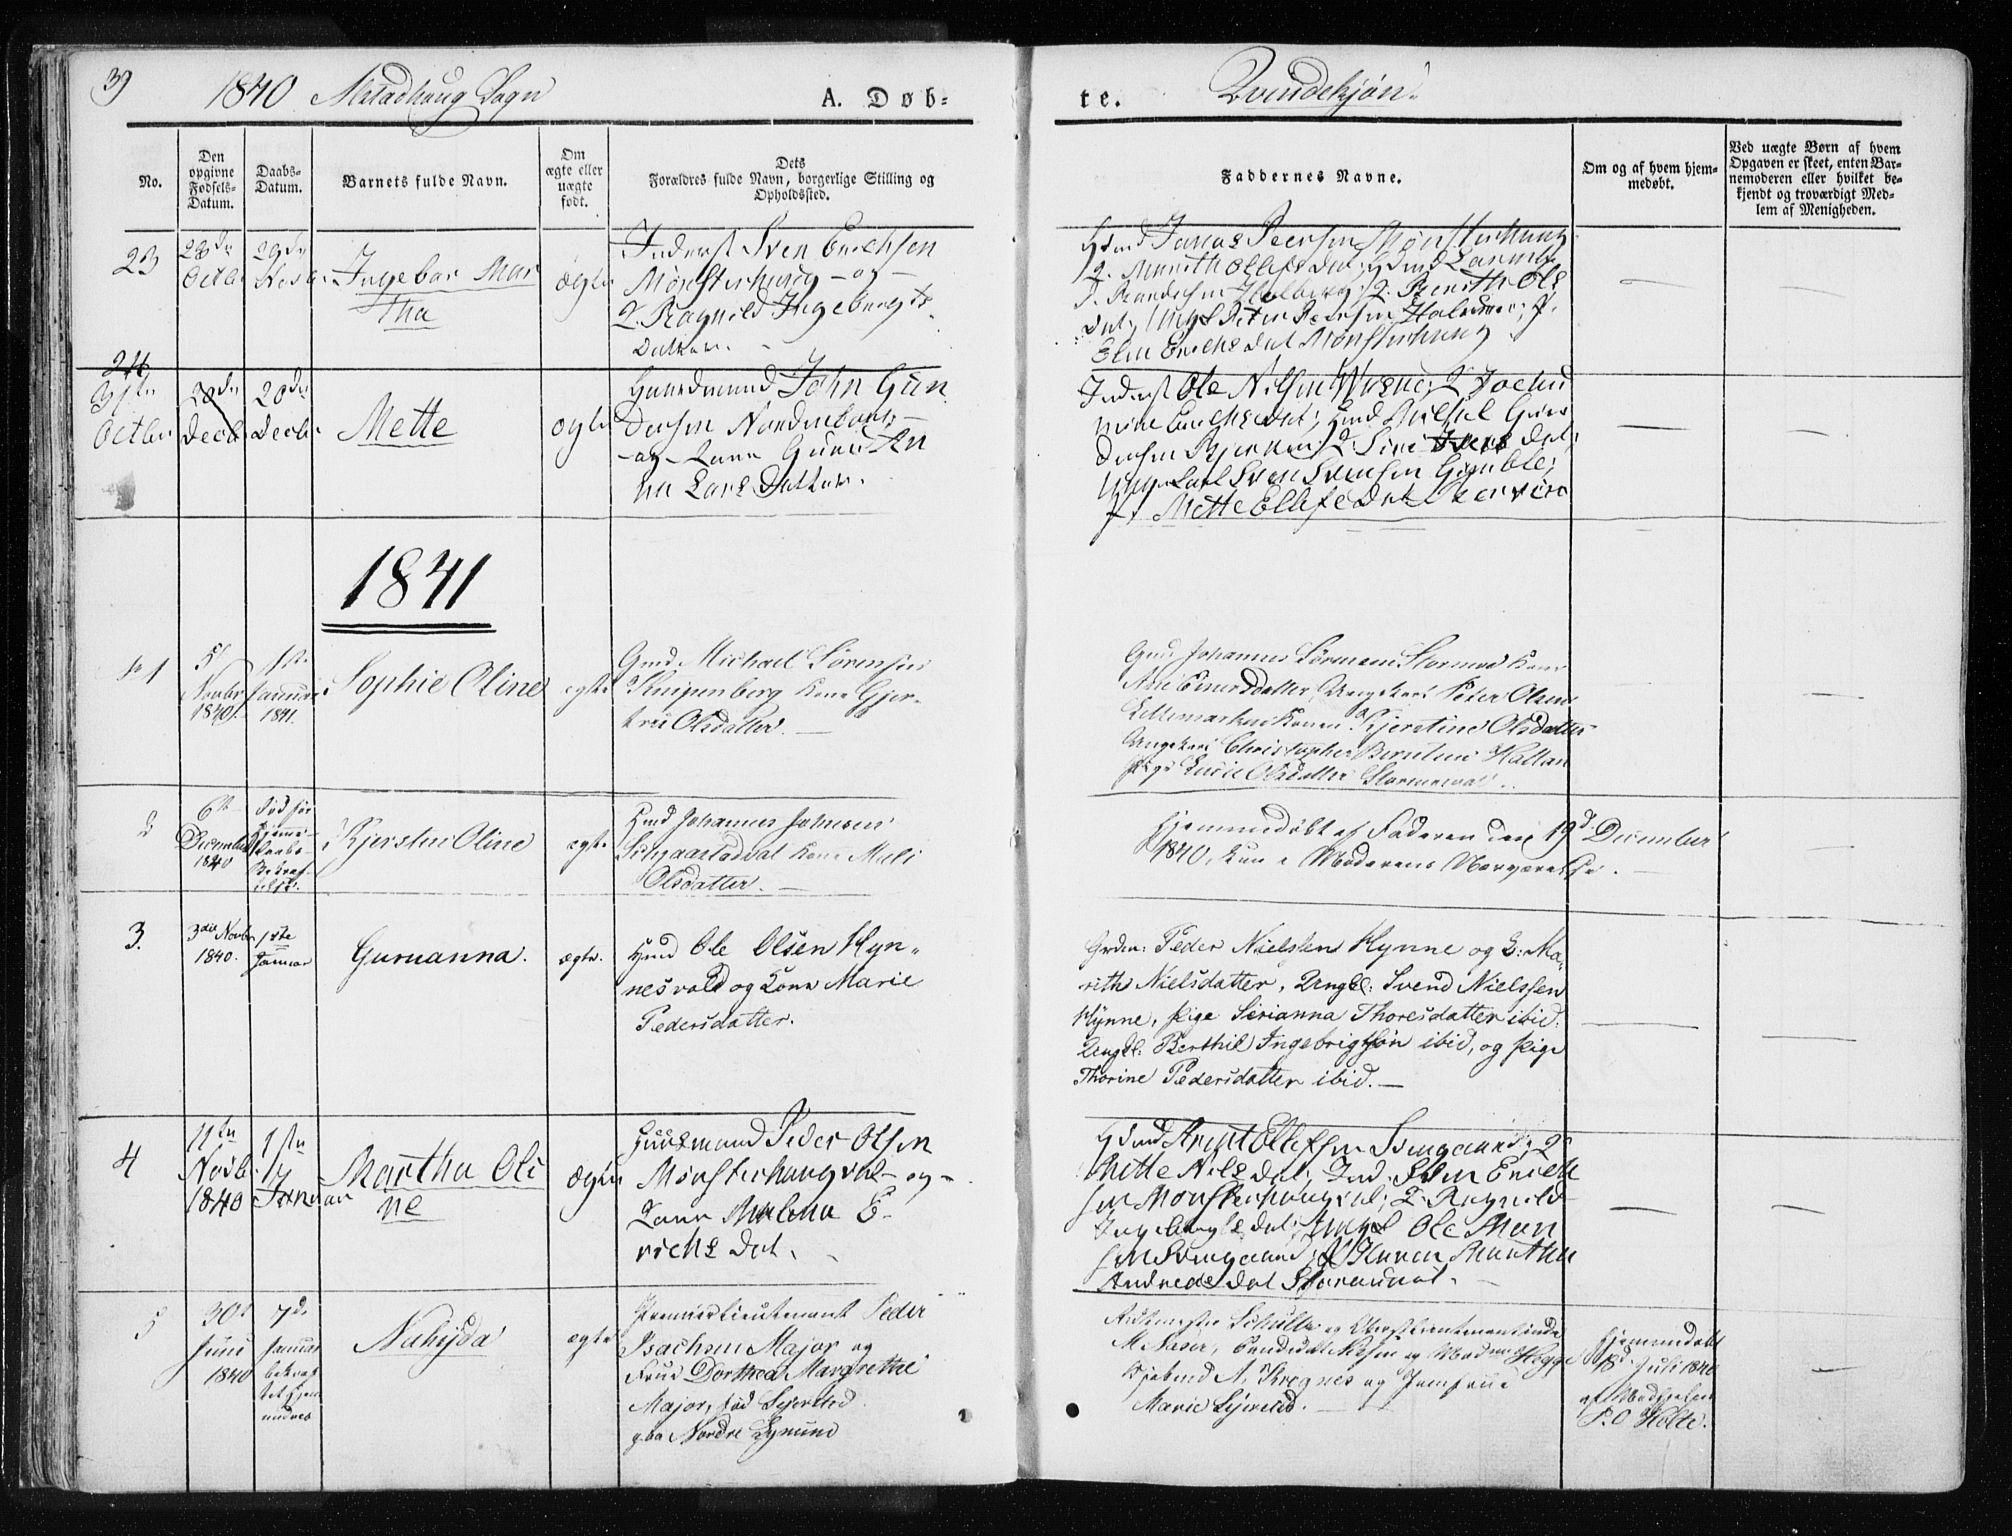 SAT, Ministerialprotokoller, klokkerbøker og fødselsregistre - Nord-Trøndelag, 717/L0154: Ministerialbok nr. 717A06 /1, 1836-1849, s. 39